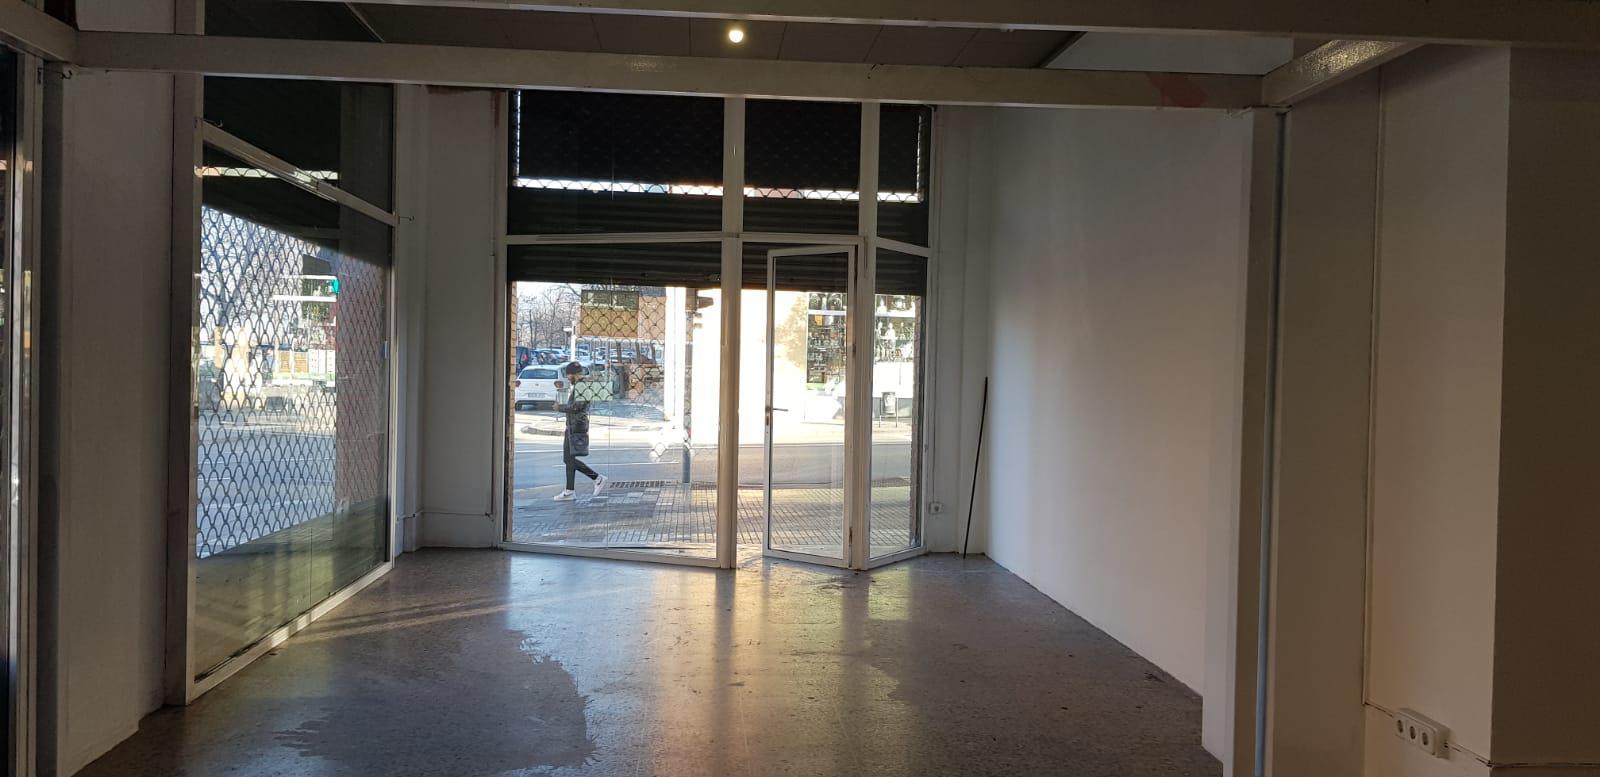 Imagen 3 Local Comercial en alquiler en Granollers / Cerca de colegios y zonas comerciales